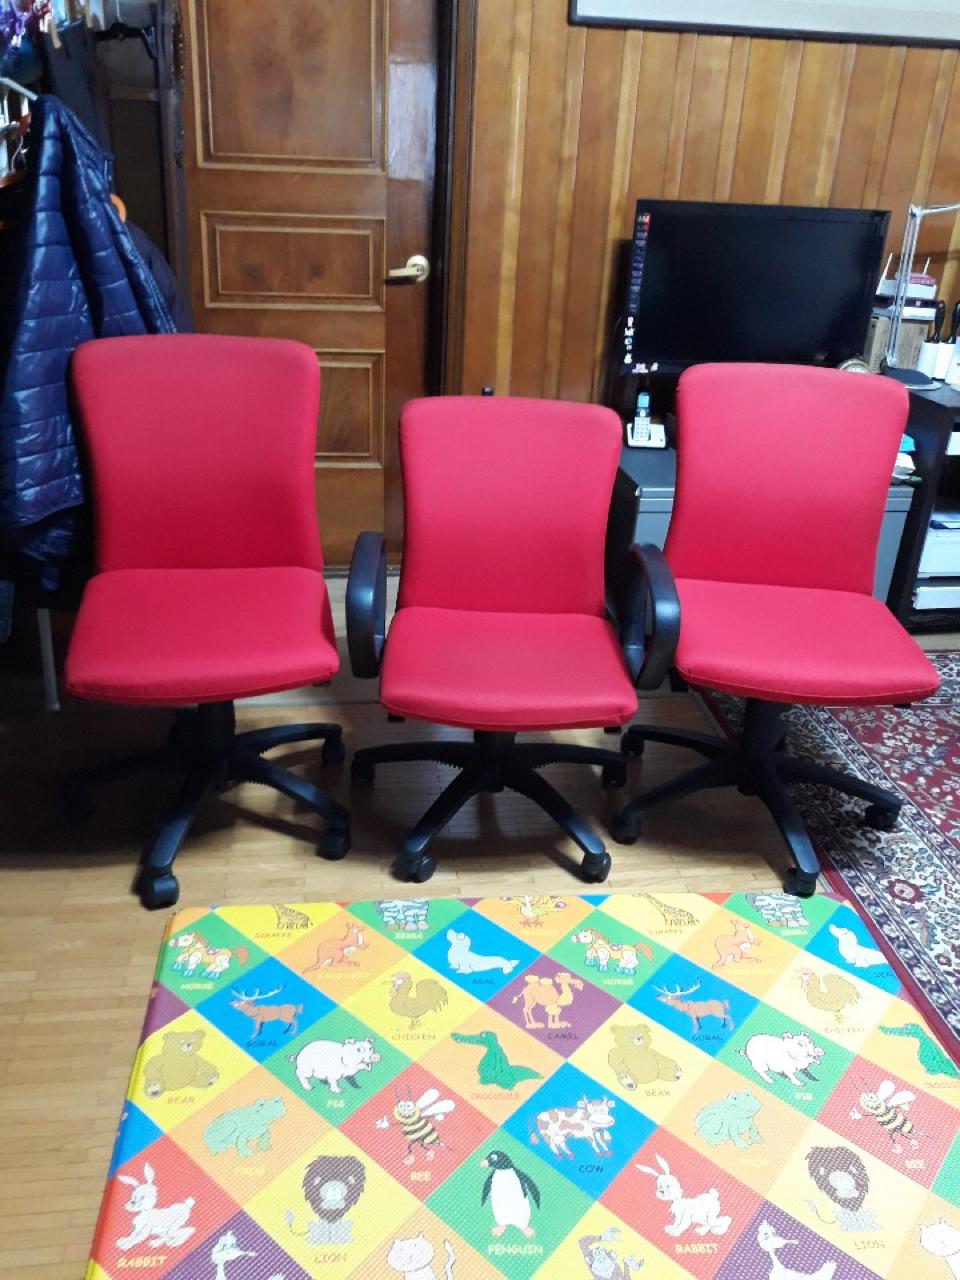 바퀴달린 의자 3개 6만원 (팔걸이 있는것 1개, 팔걸이 없는것 2개)